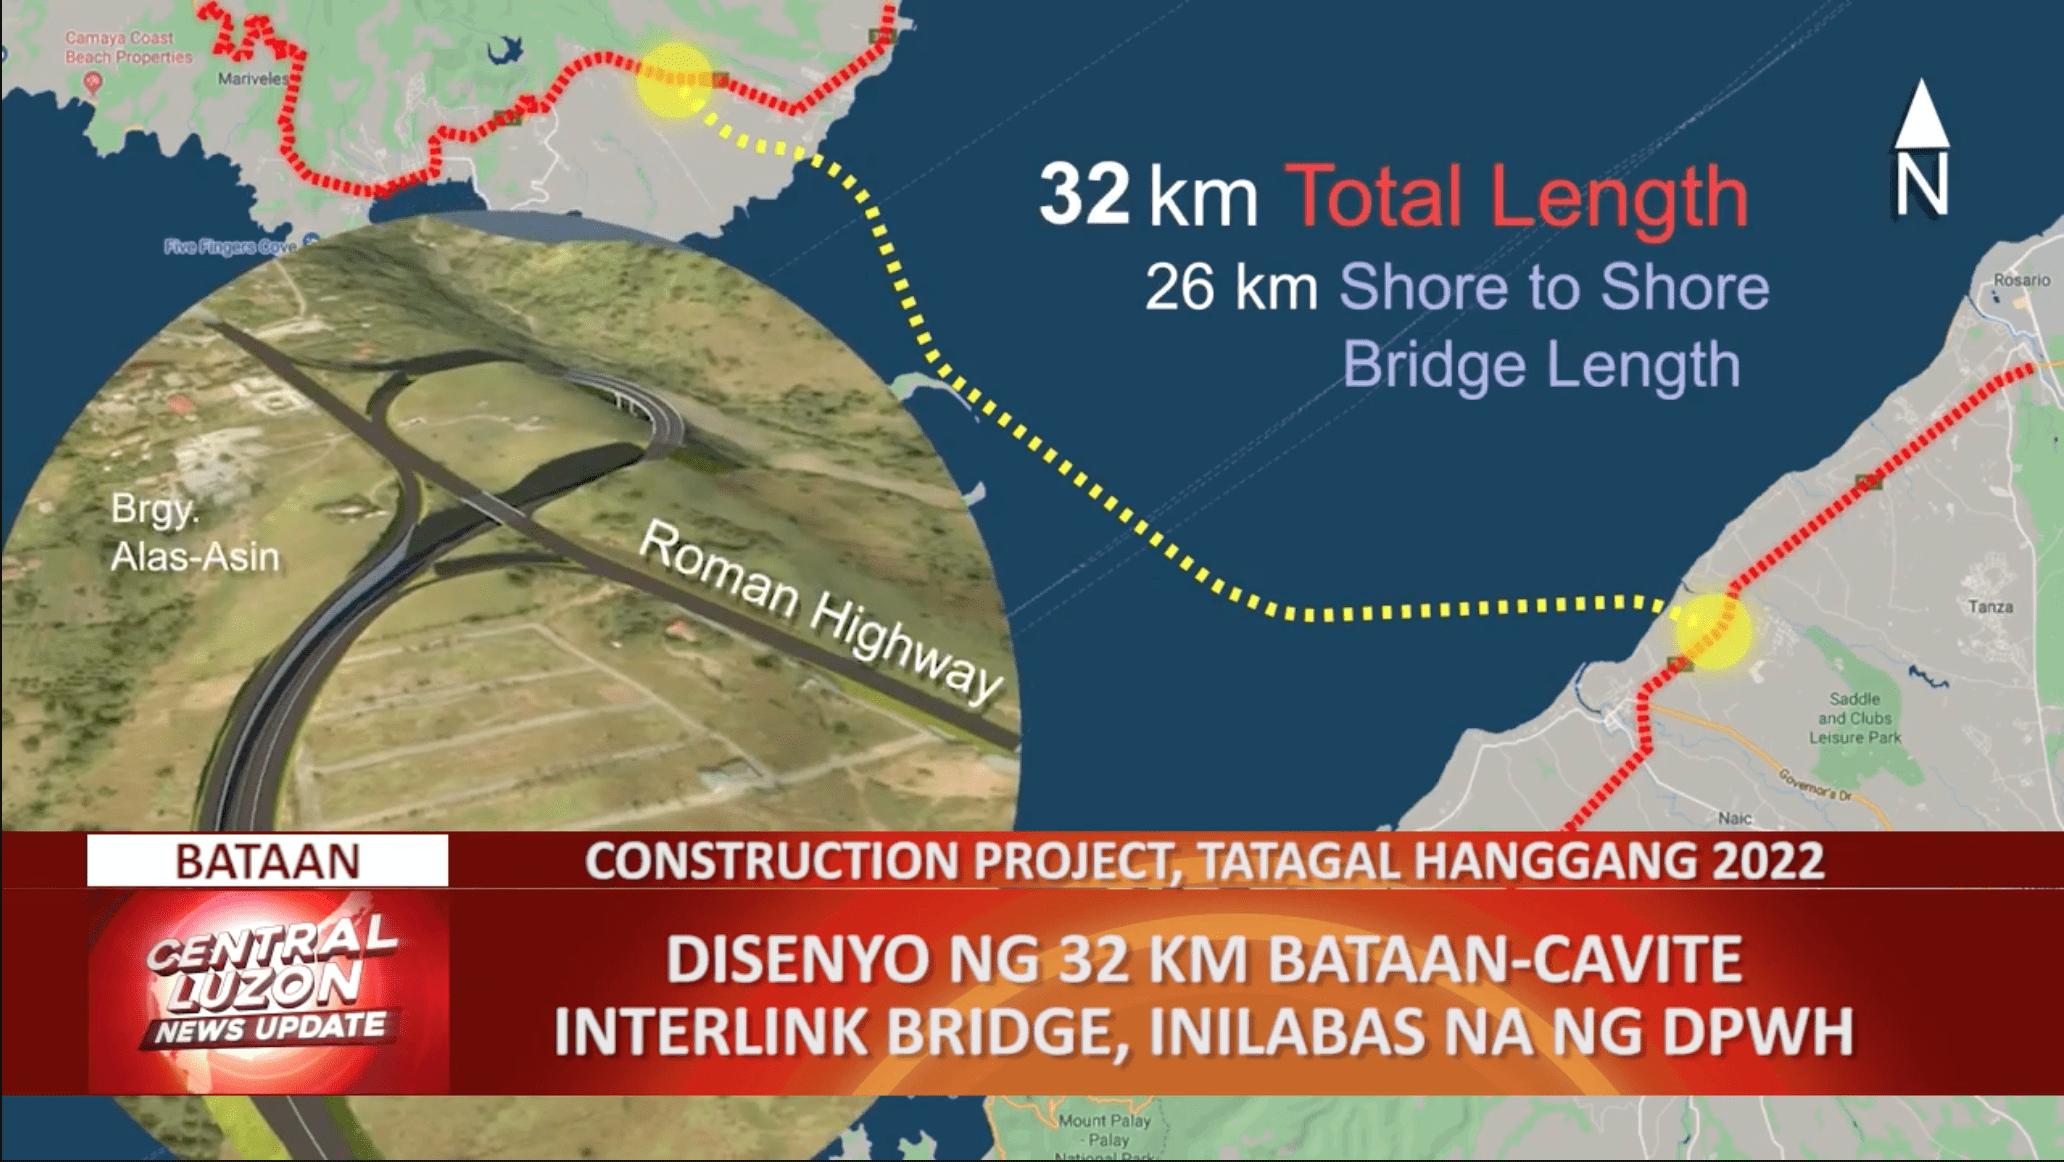 Disenyo ng 32-km Bataan-Cavite Interlink Bridge, inilabas na ng DPWH | CLTV36 News